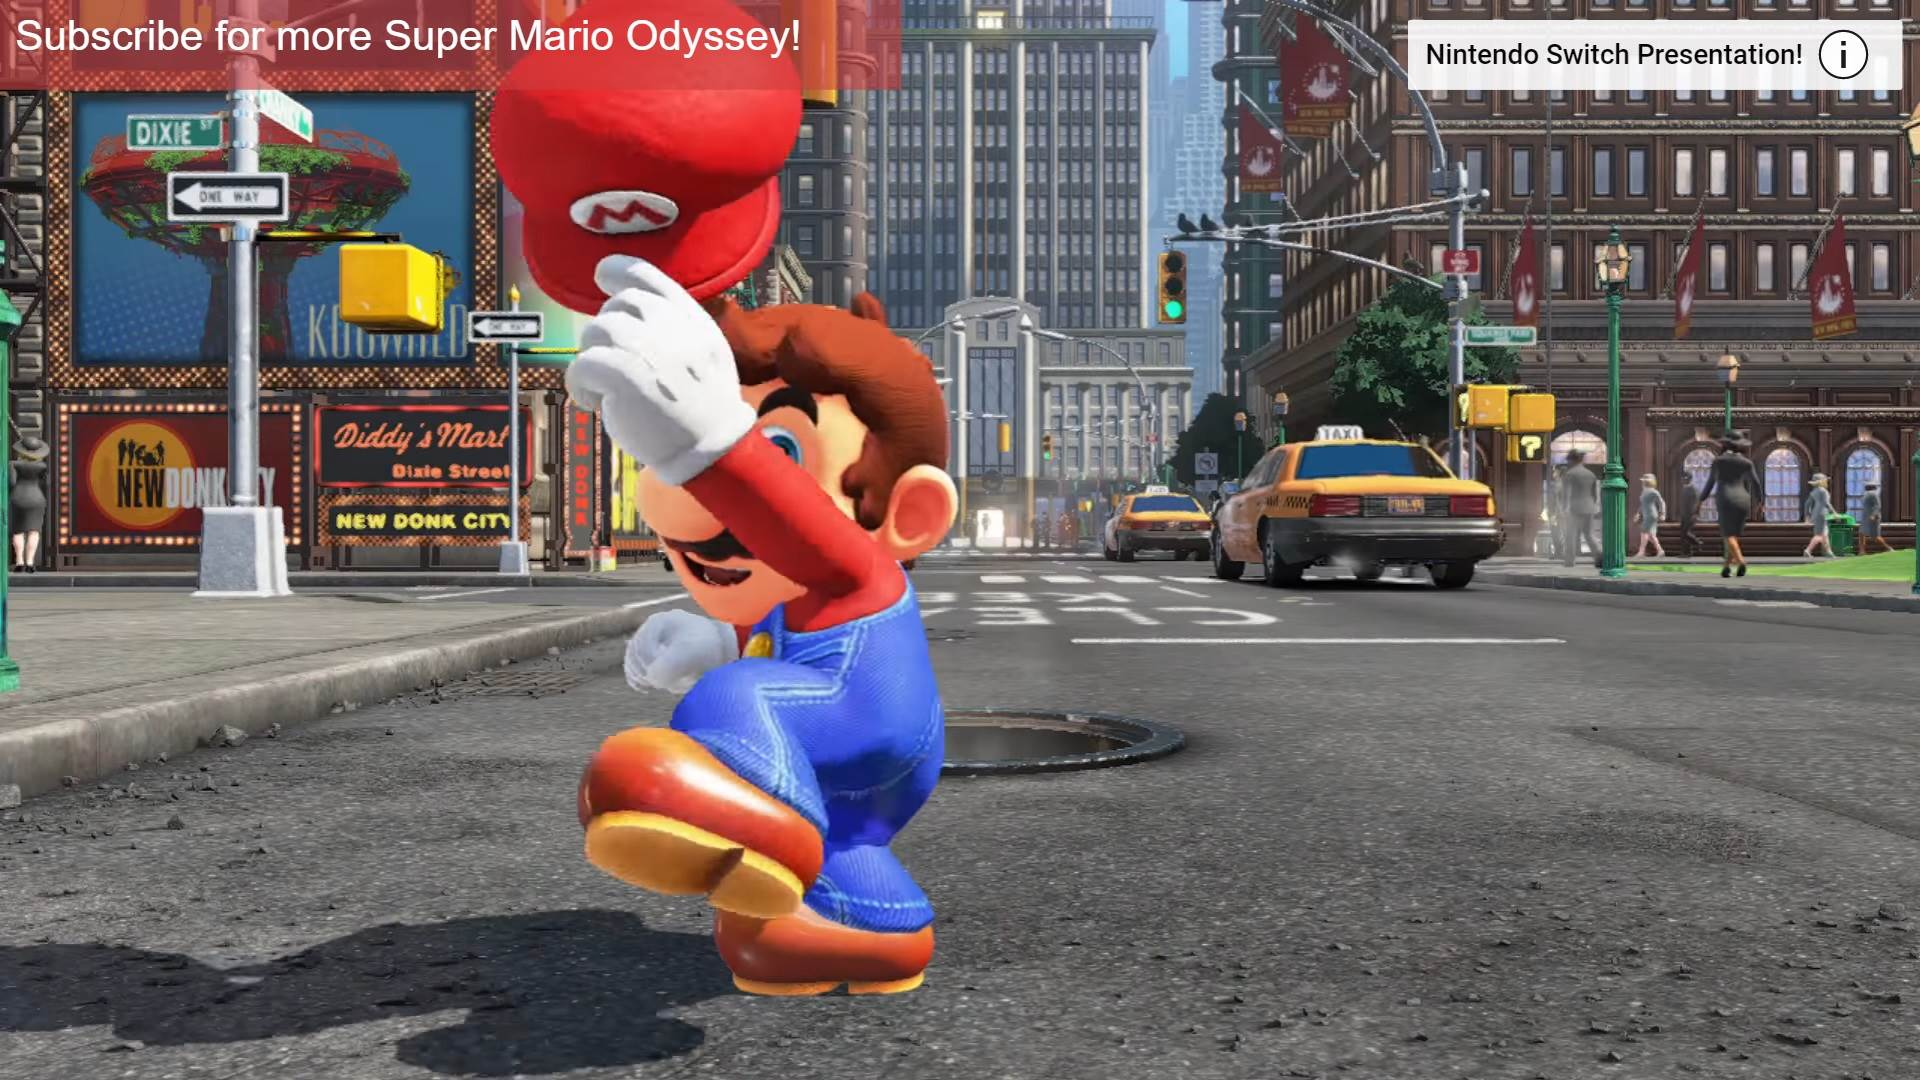 Nova Super Mario igra je potpuno bizarna!